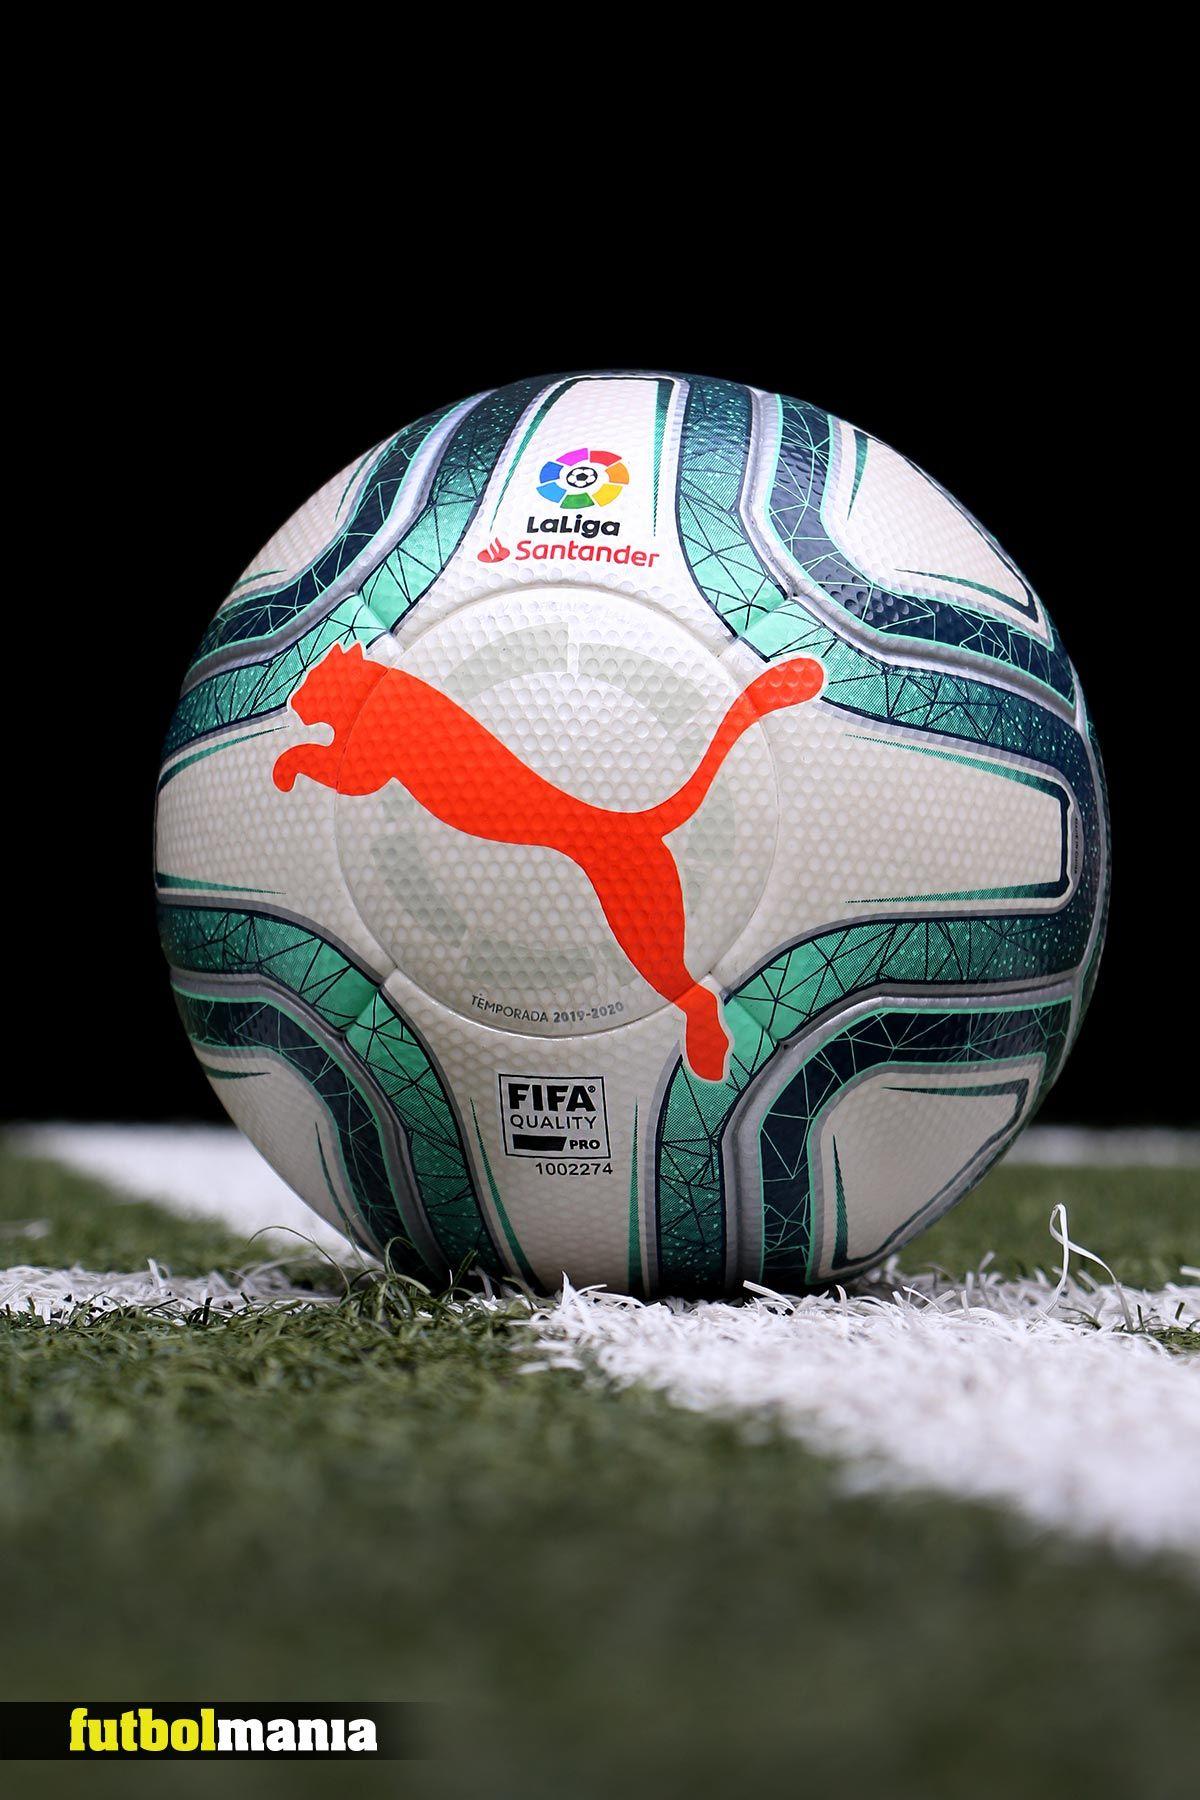 a tiempo desarrollo de Último  Balón Puma La Liga | Balones de futbol adidas, Balones, Camisetas de equipo